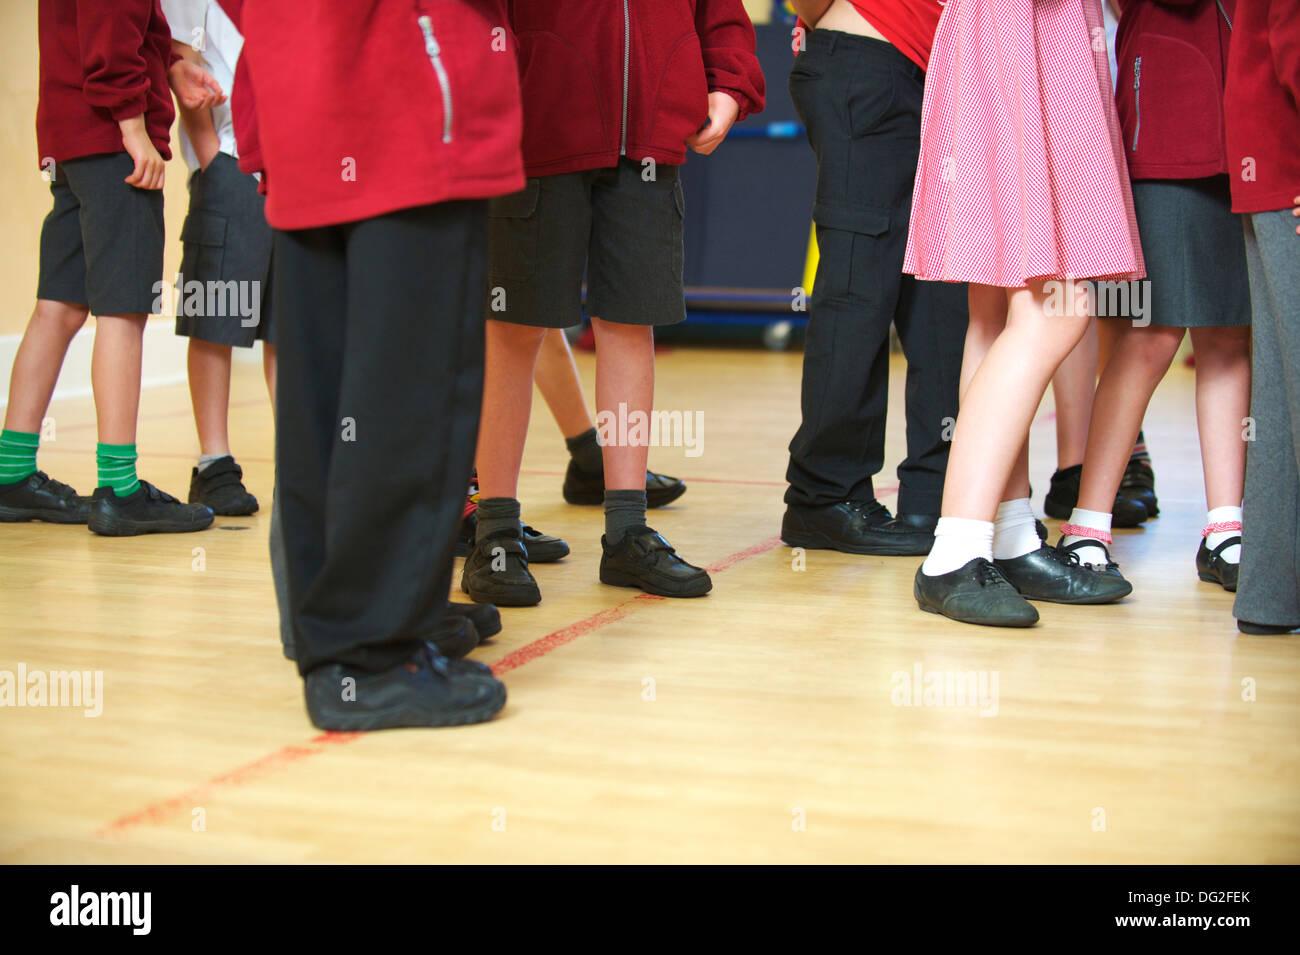 Groupe d'enfants de l'école primaire dans une petite école d'anglais à l'assemblée Photo Stock